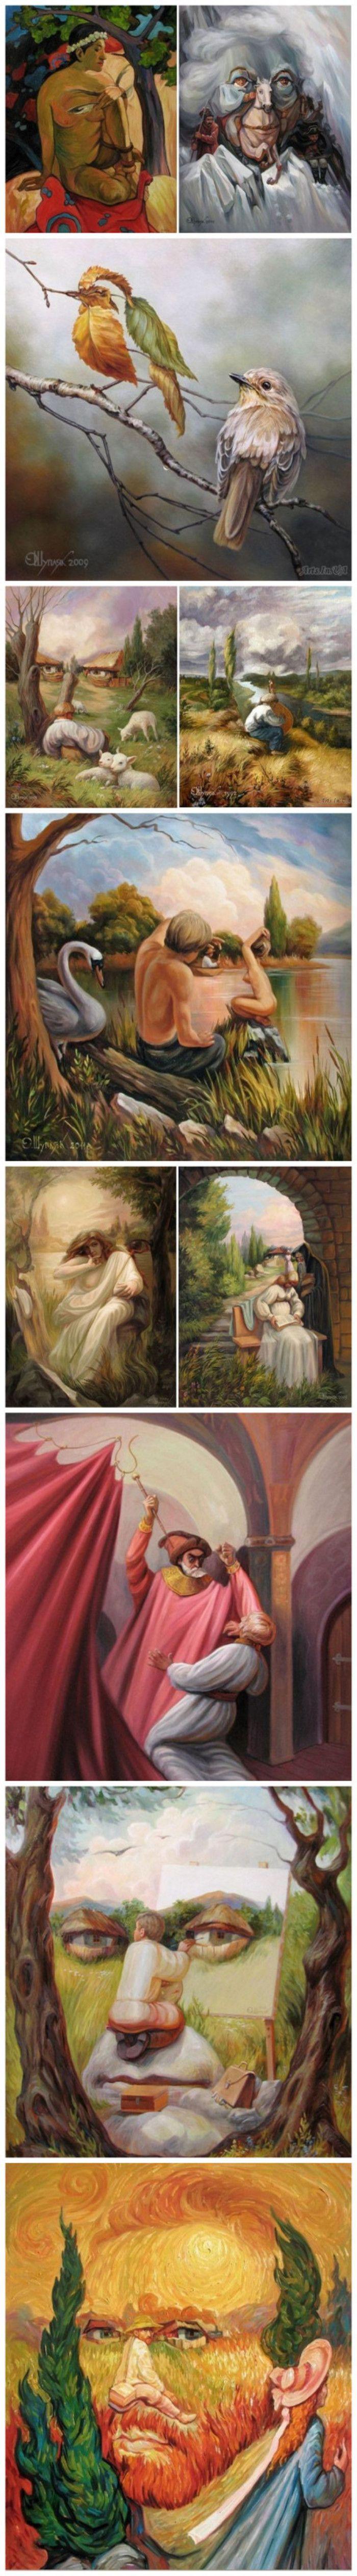 画中画、人……_来自duitang的图片分享-堆糖